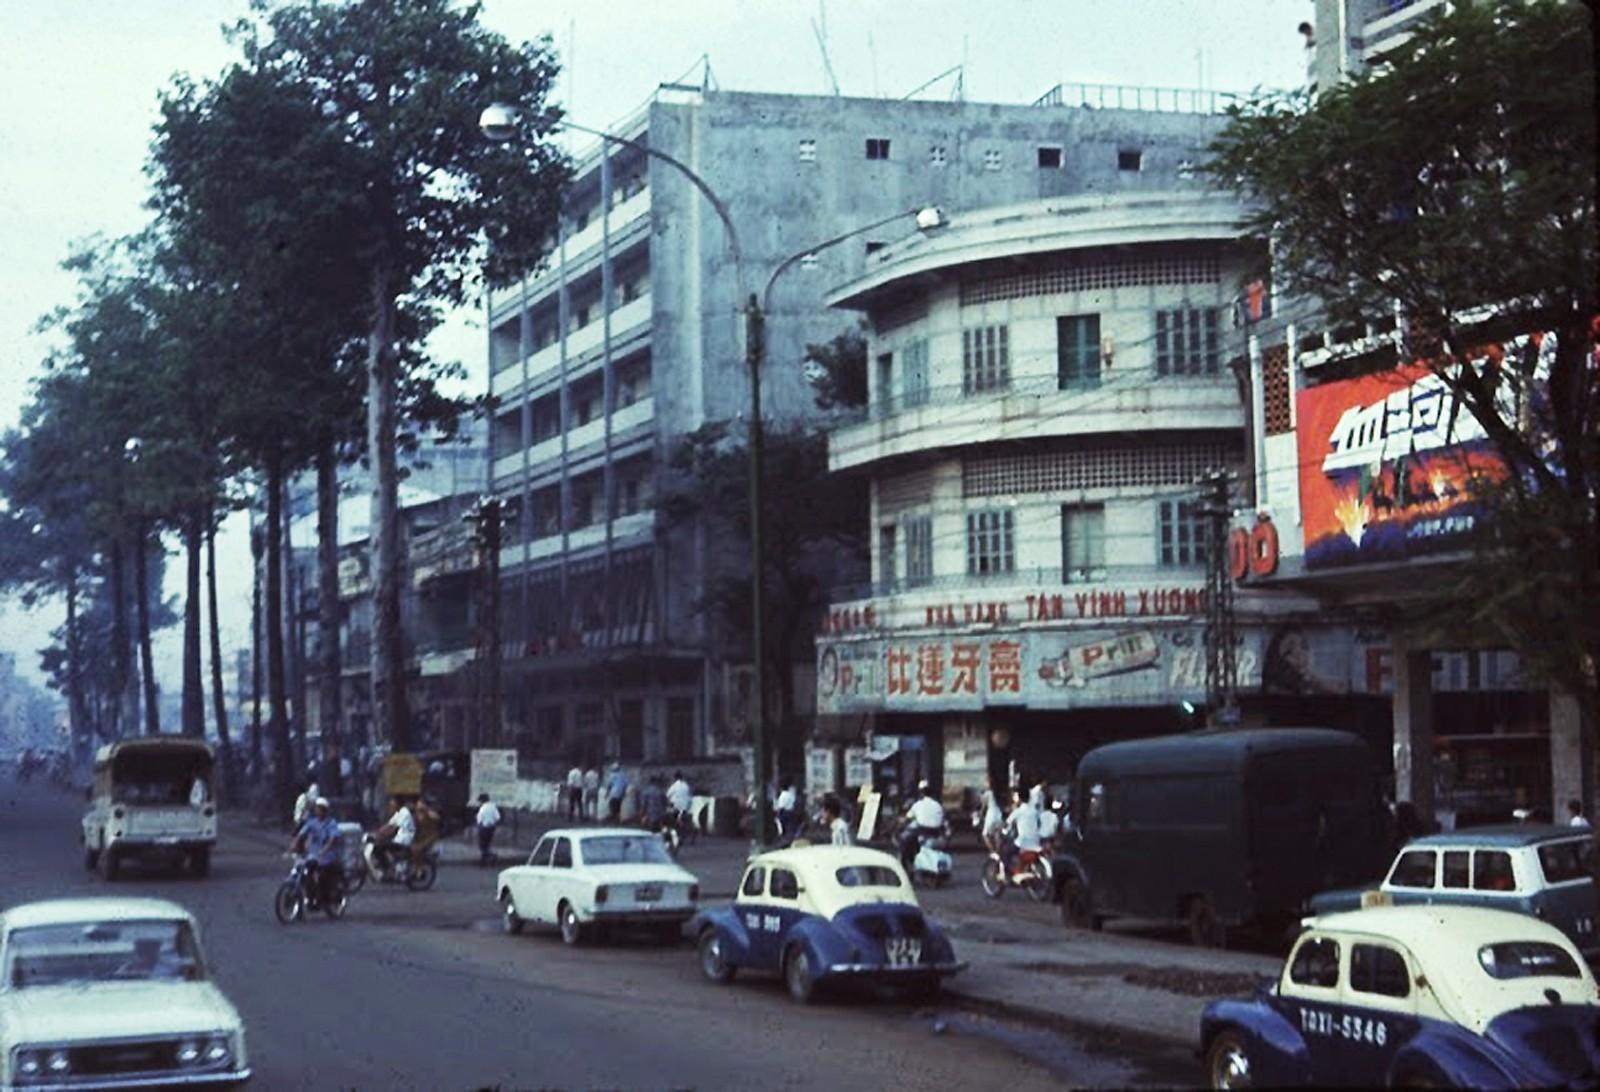 Chùm ảnh: Sài Gòn – Chợ Lớn năm 1970 qua ống kính của Brad